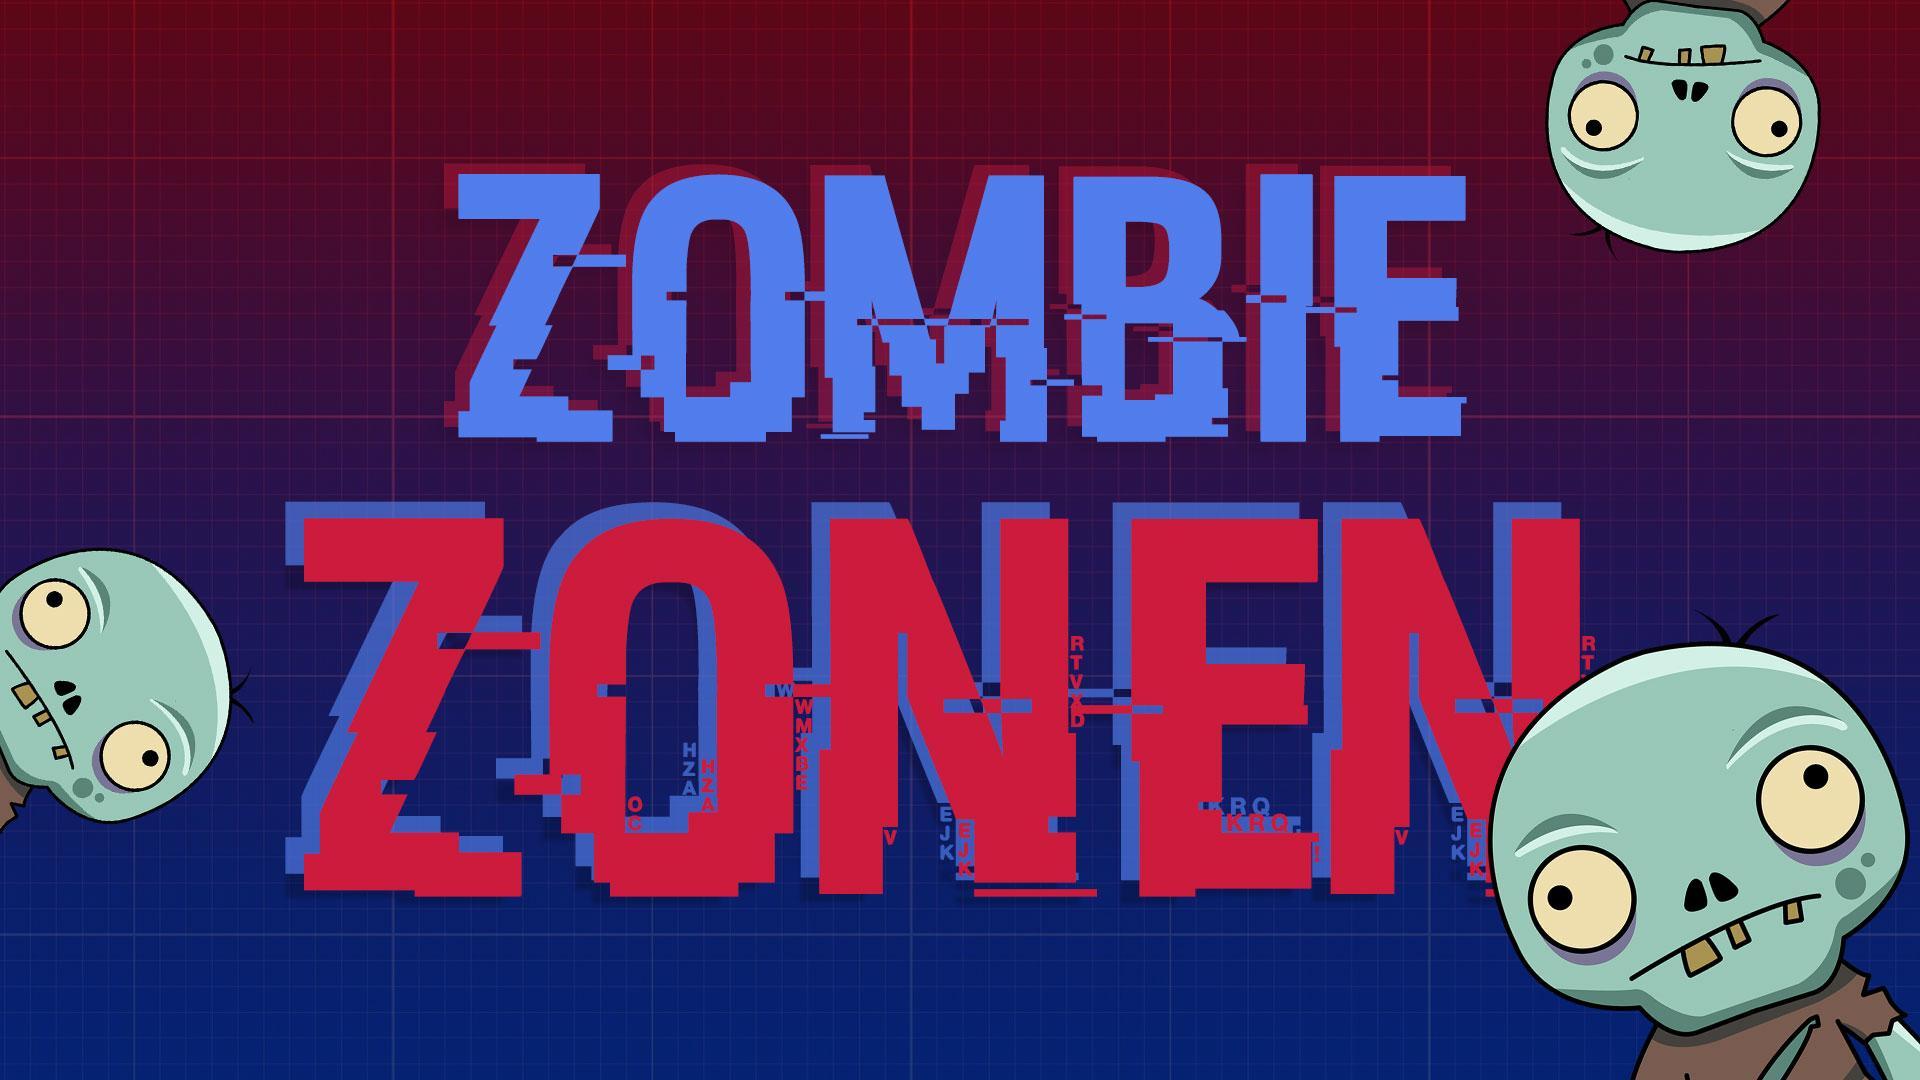 zombie_zonen_articel_0.jpg